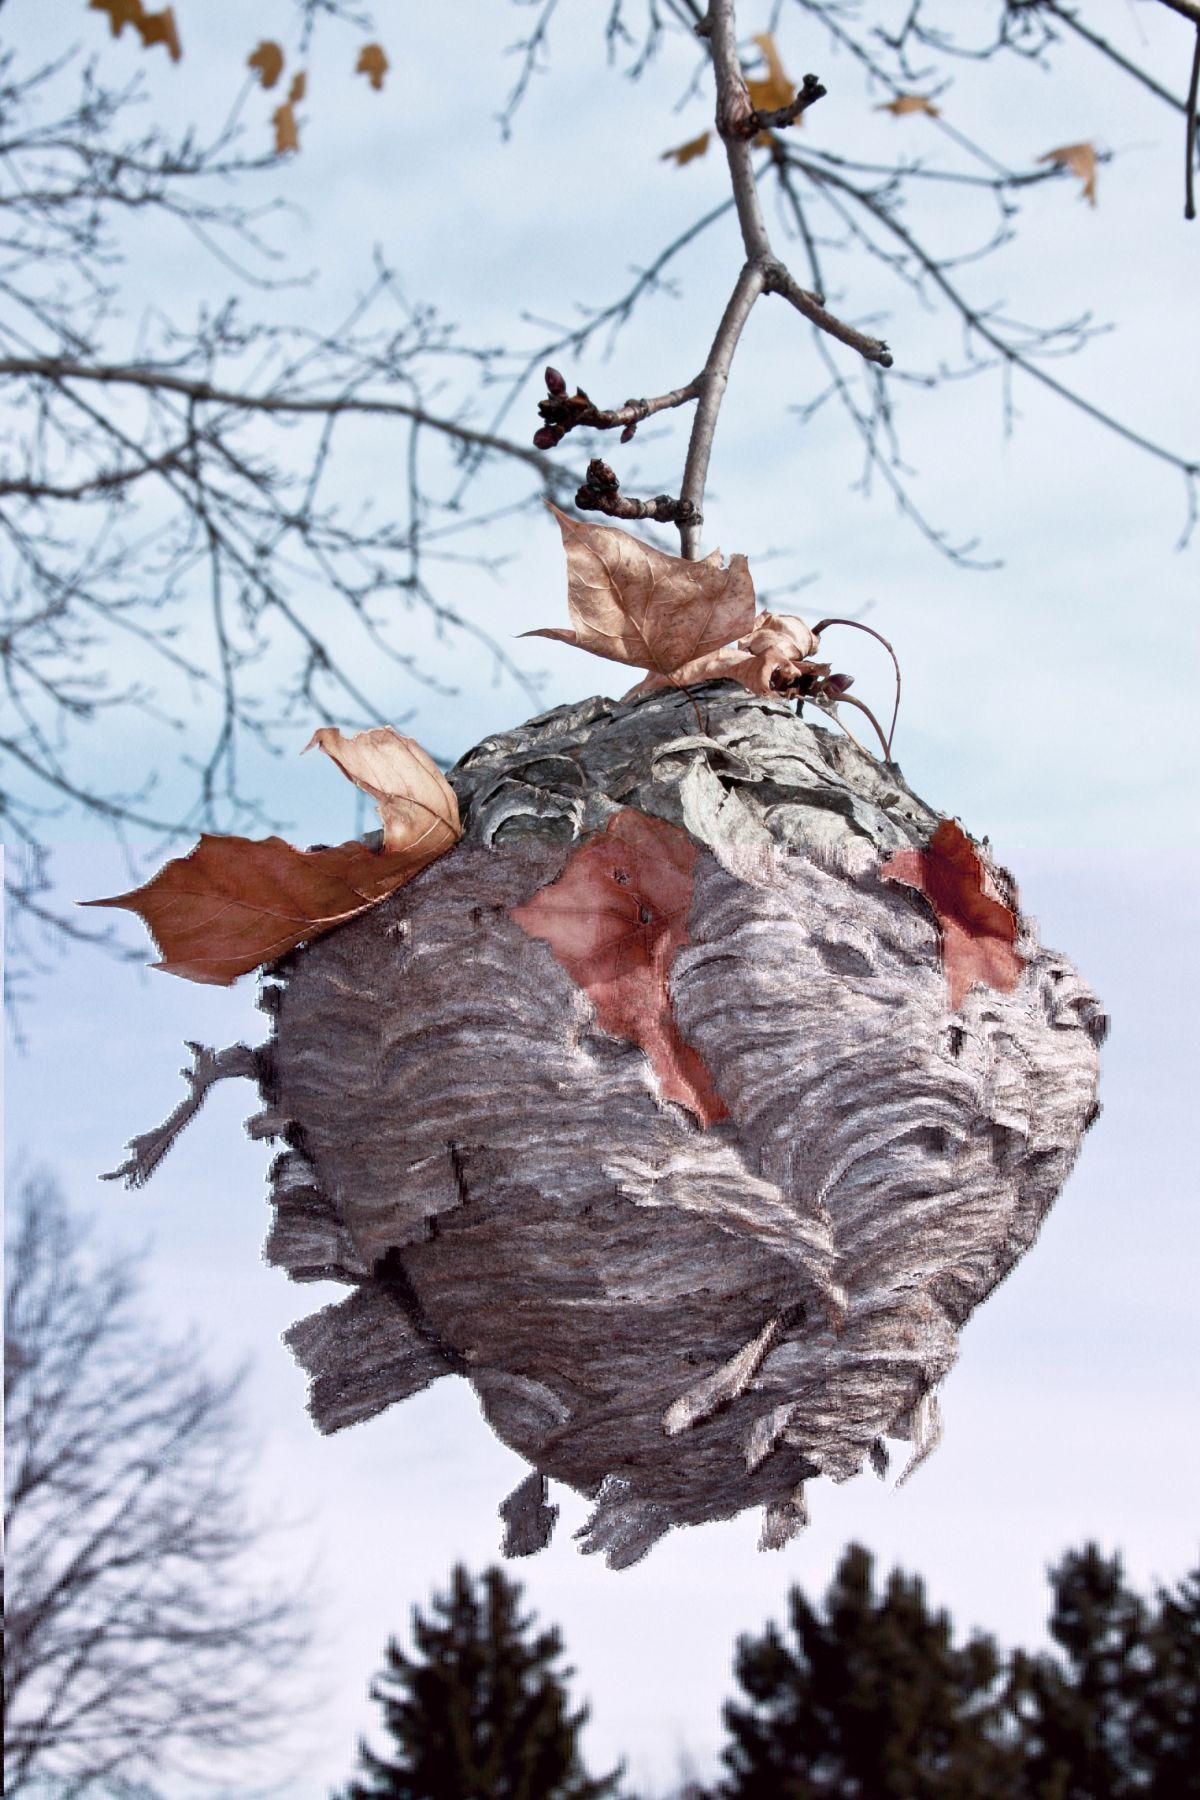 Un nid de guêpes dans un arbre